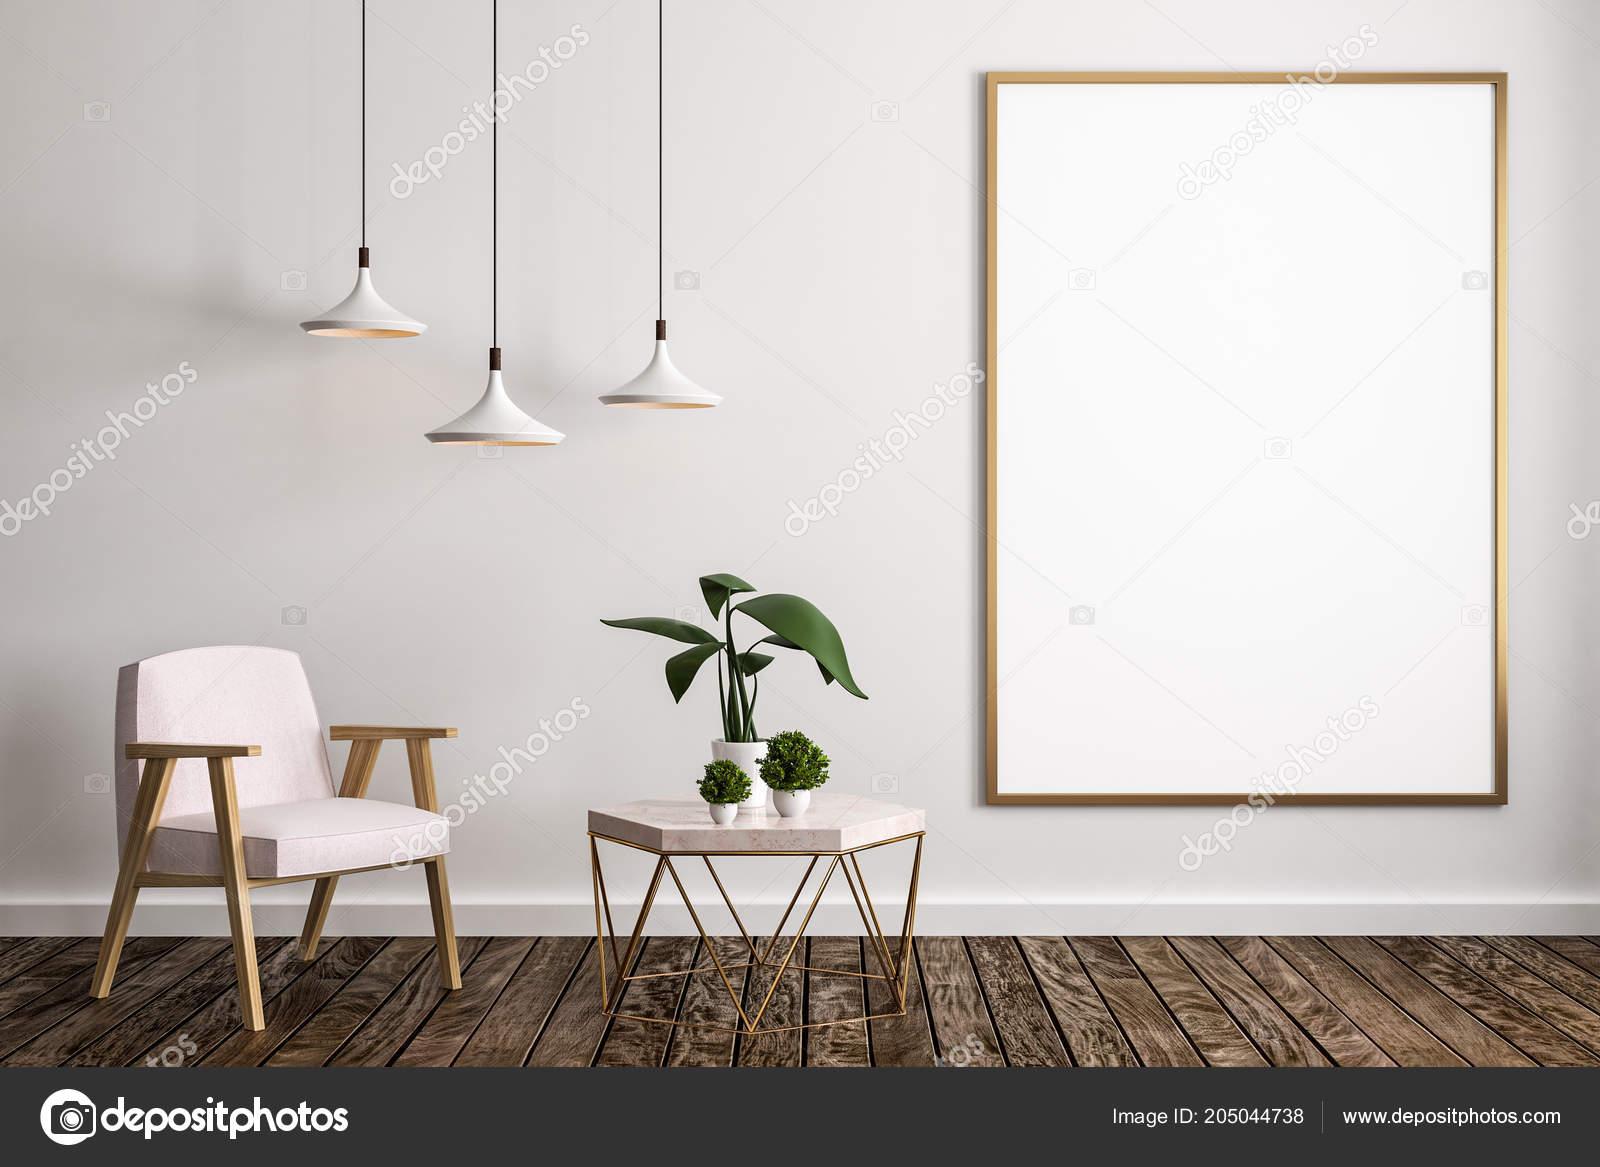 Moderne Wohnzimmer Einrichtung Mit Möbel Dekorative Pflanze Lampen ...